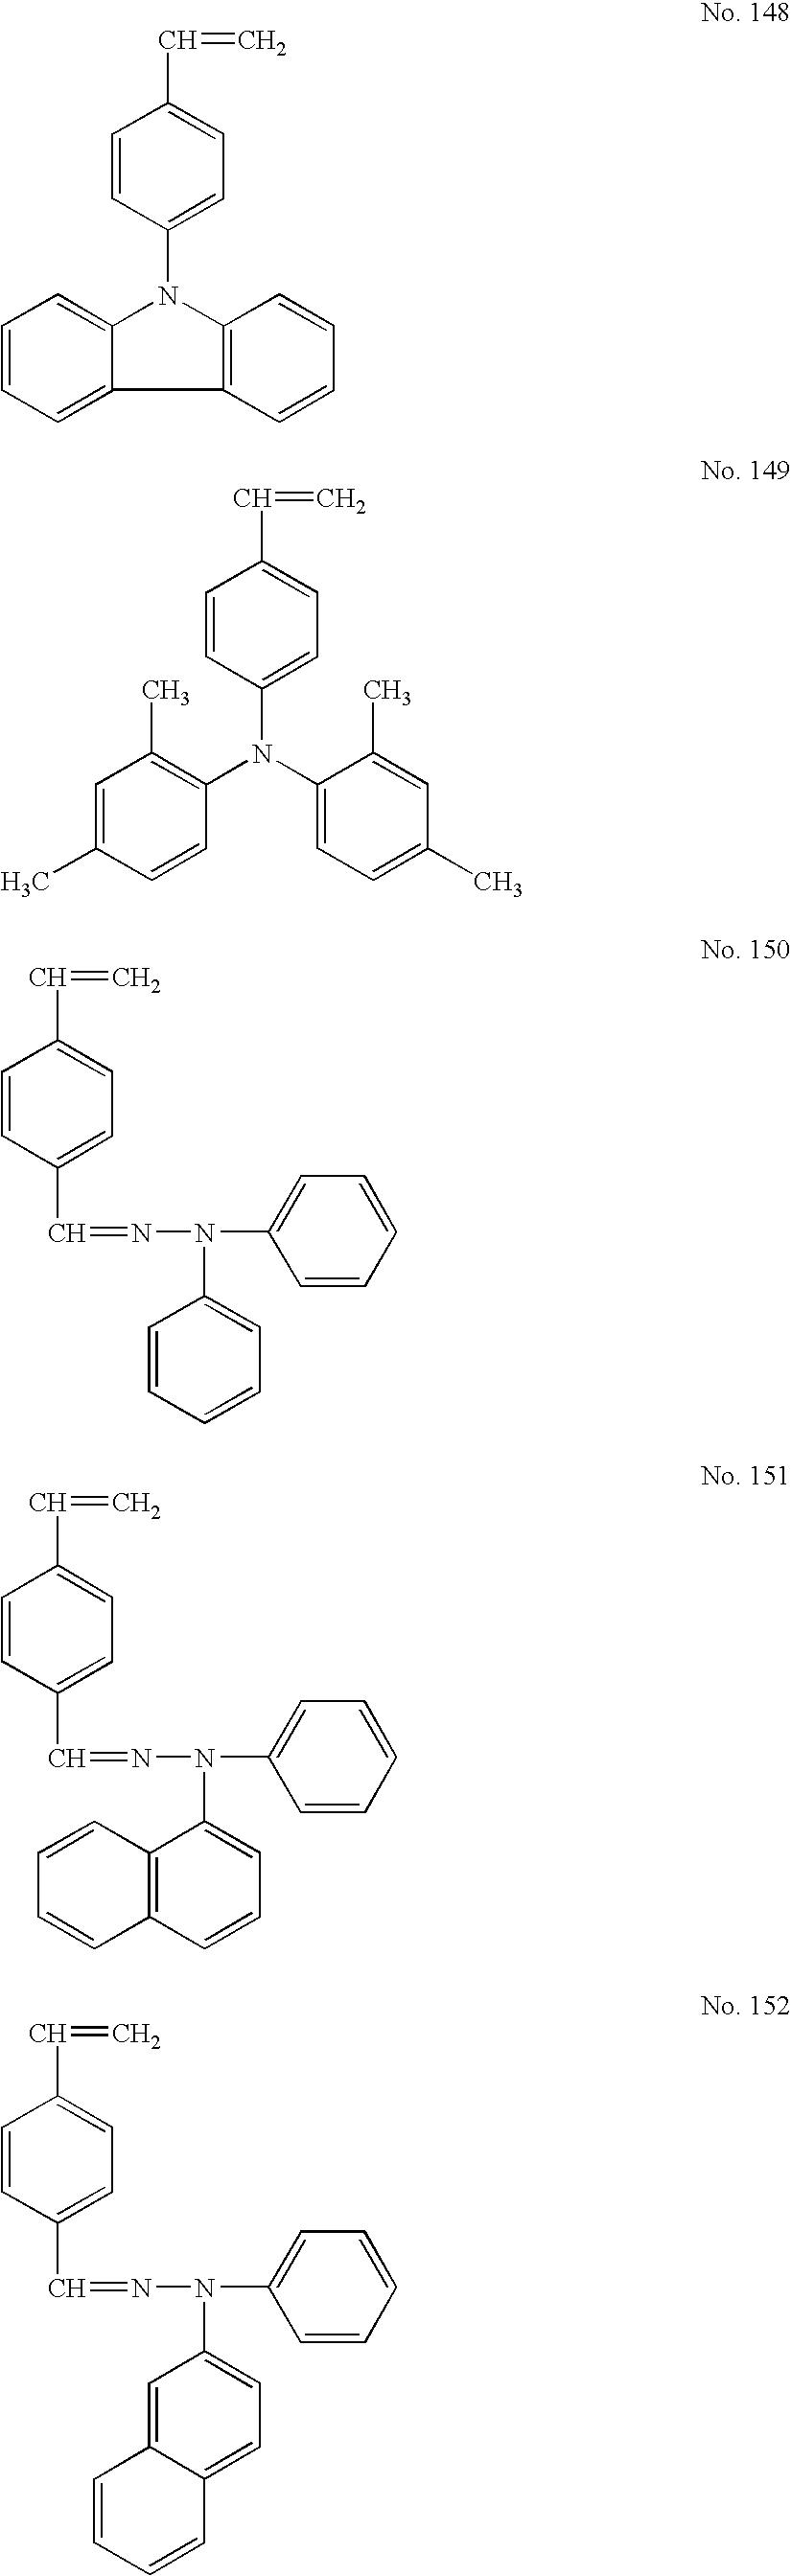 Figure US07824830-20101102-C00067